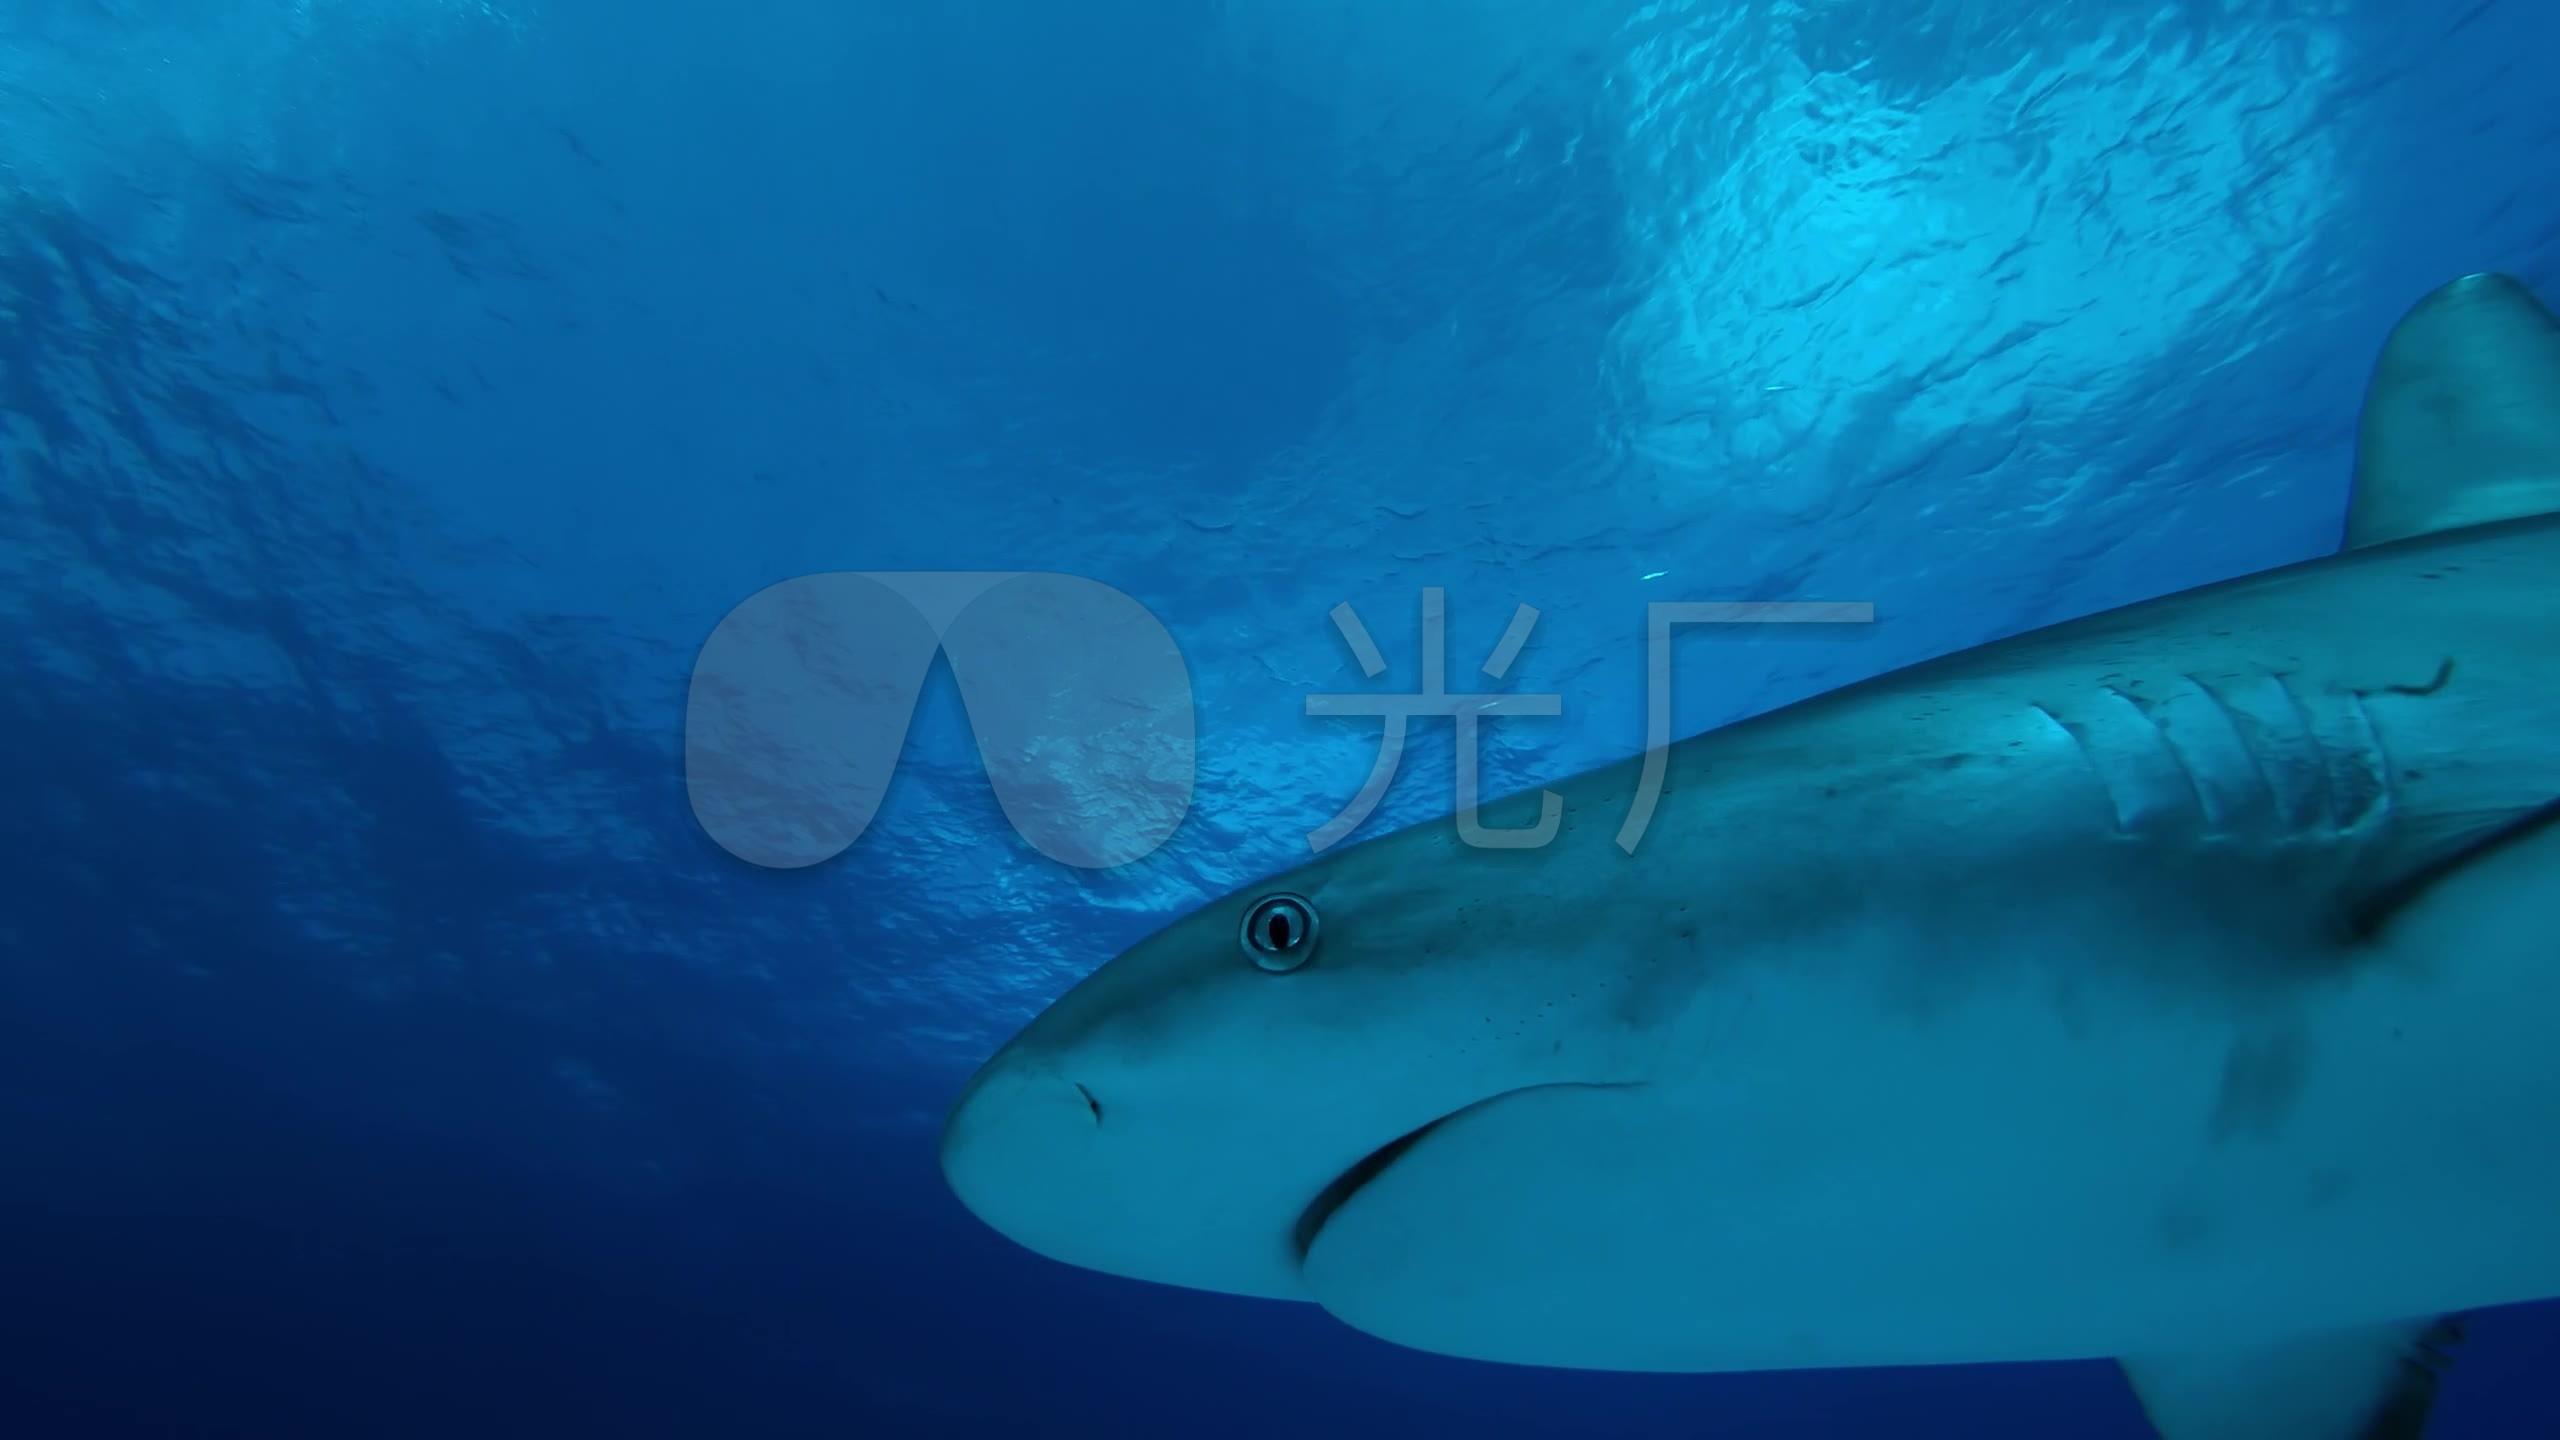 编号鲨鱼_2560X1440_高清视频素材下载(实拍格式艾奇转换器视频图片